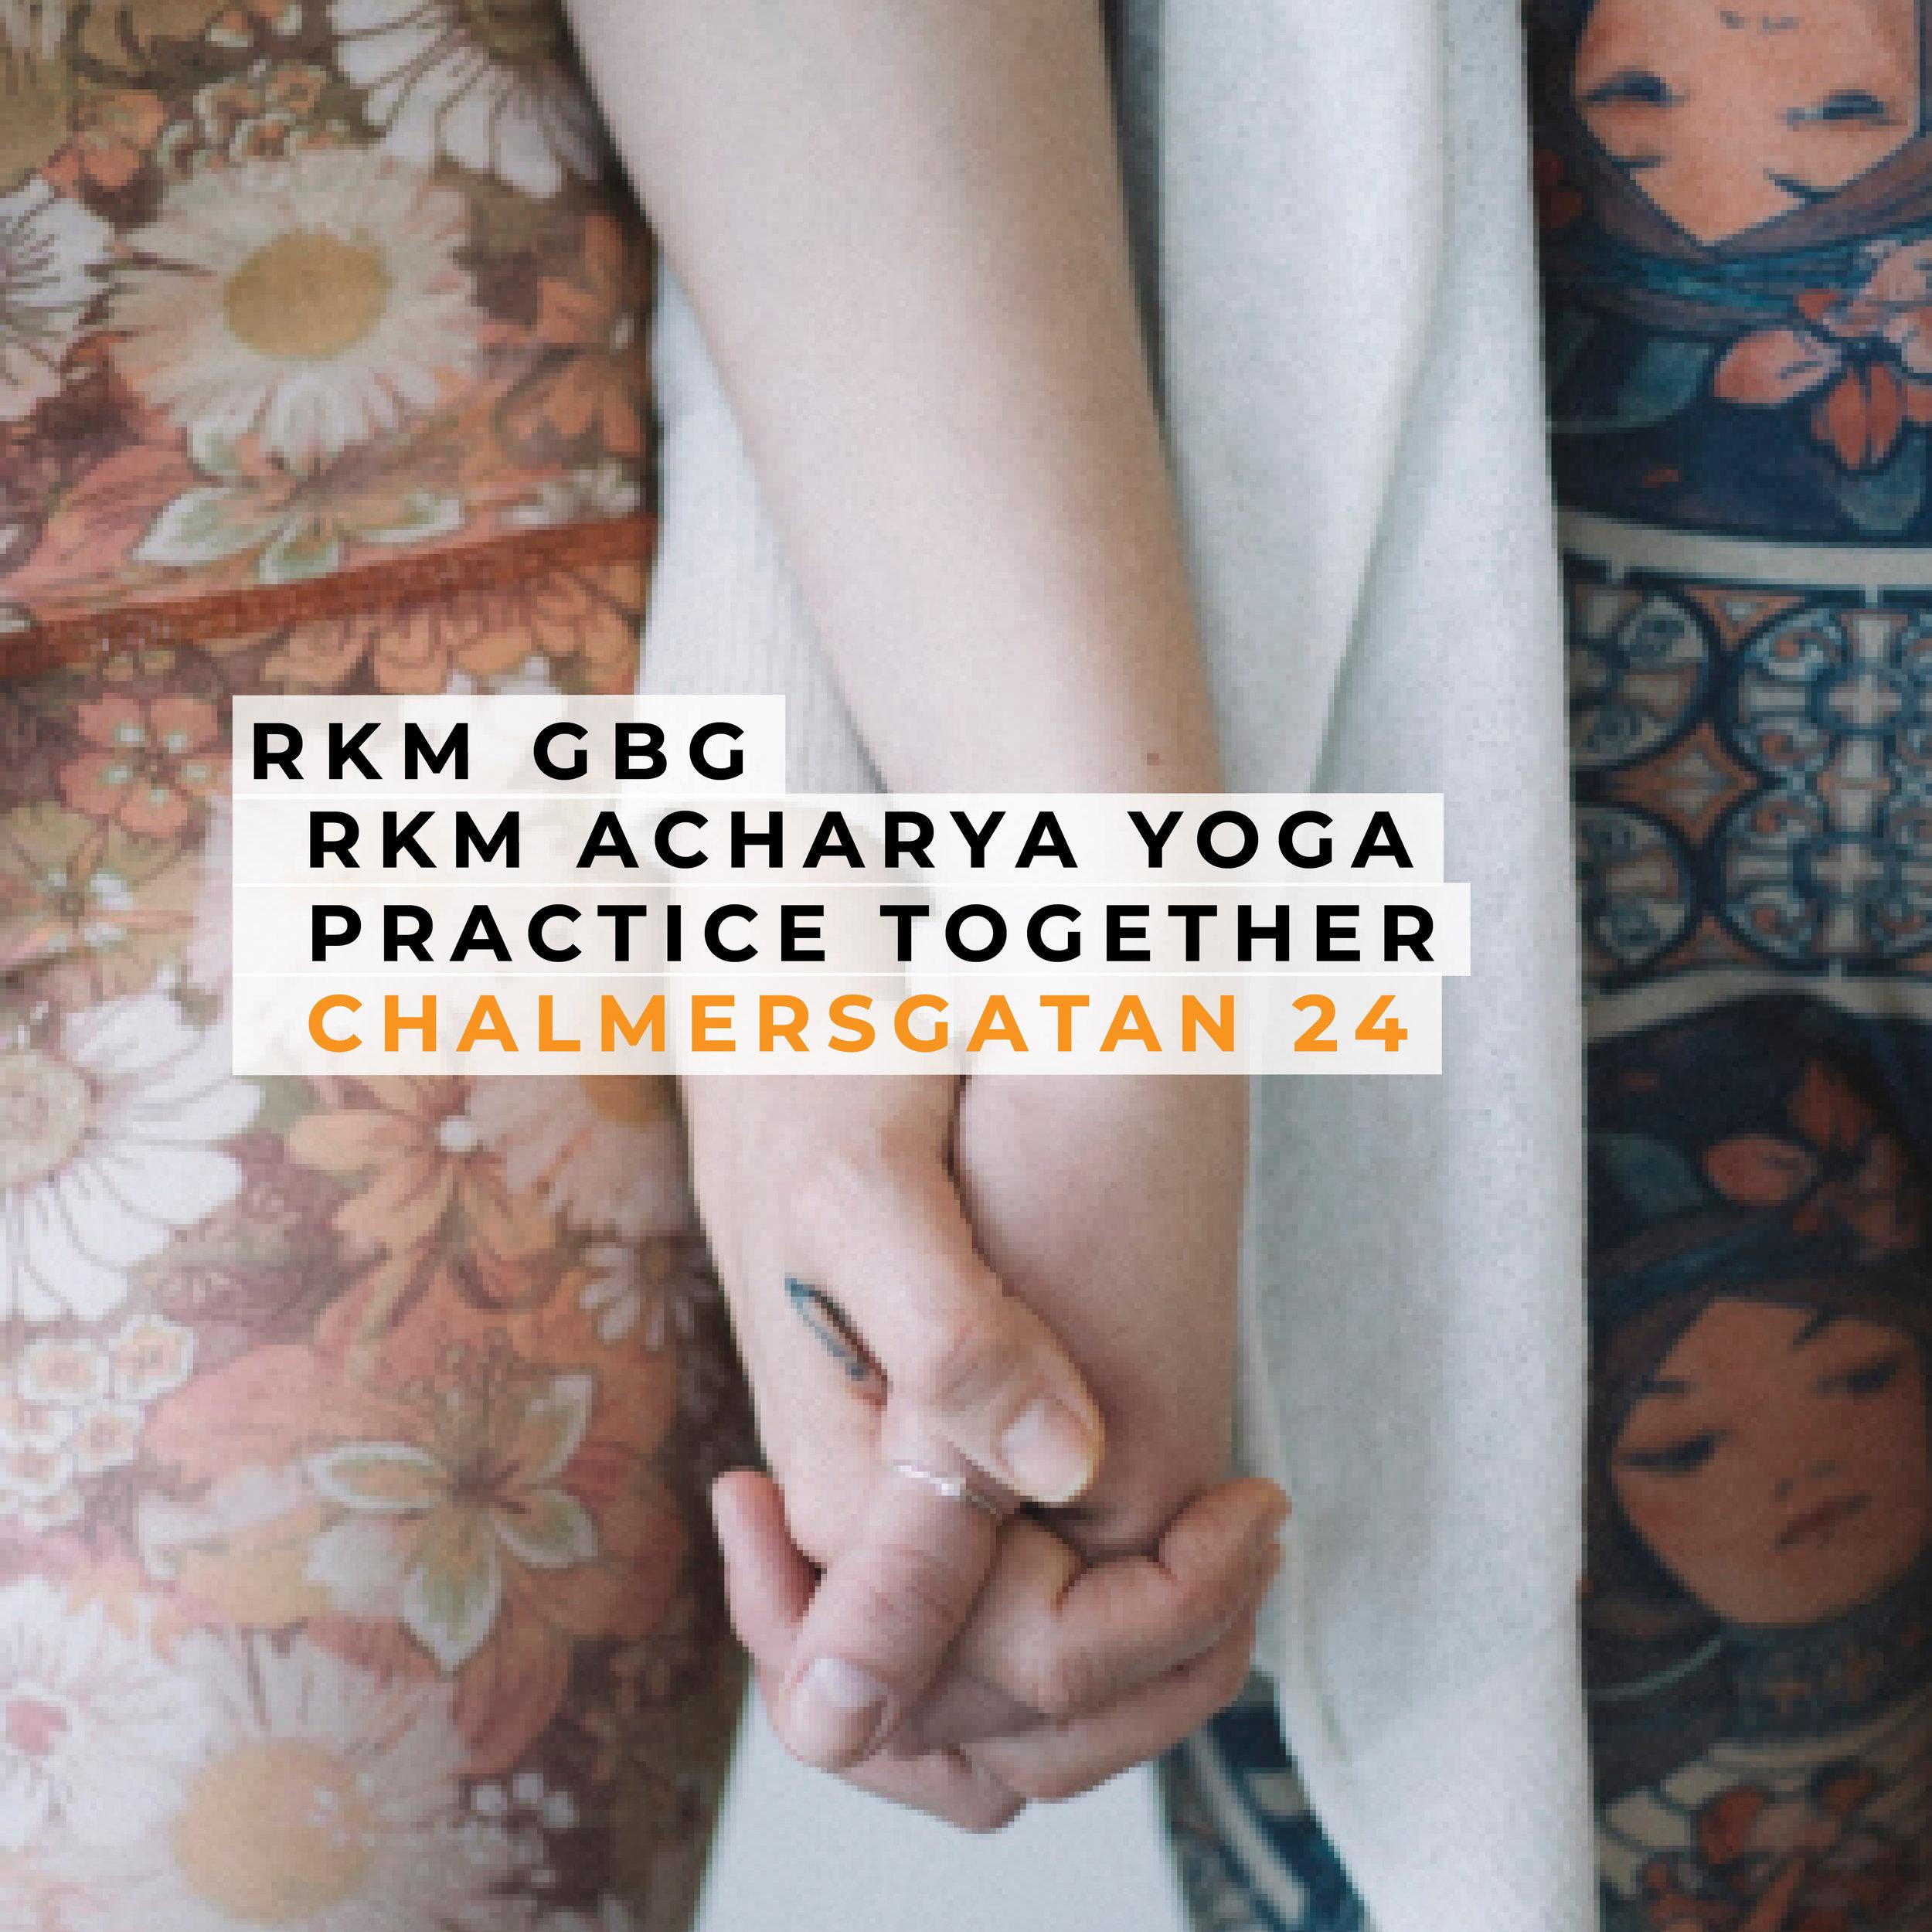 Practice Together - Image - Eng2.jpg